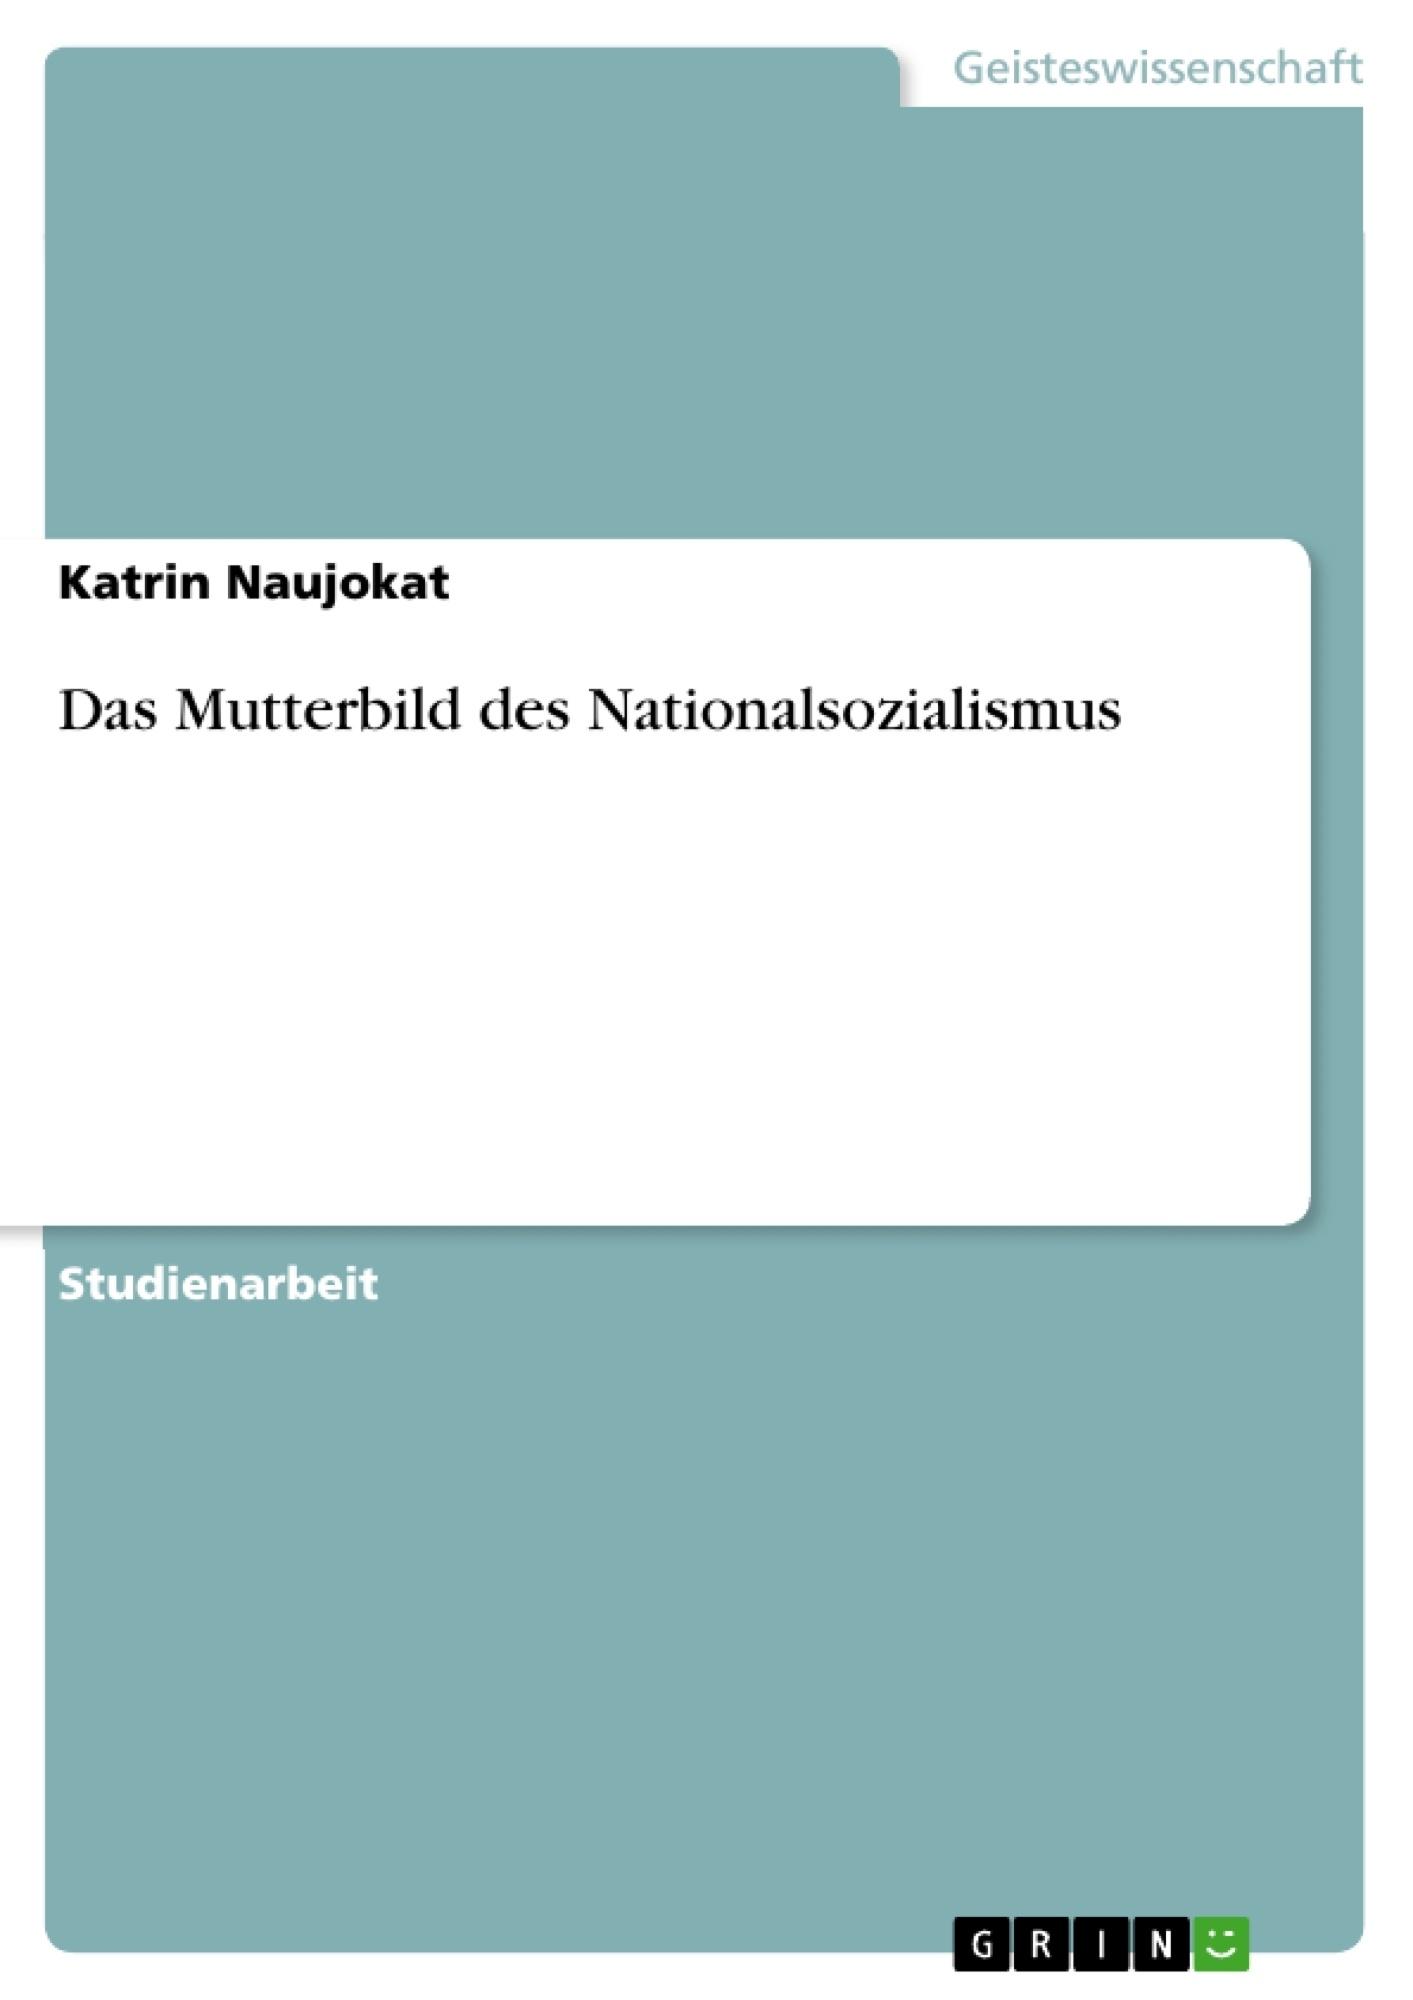 Titel: Das Mutterbild des Nationalsozialismus